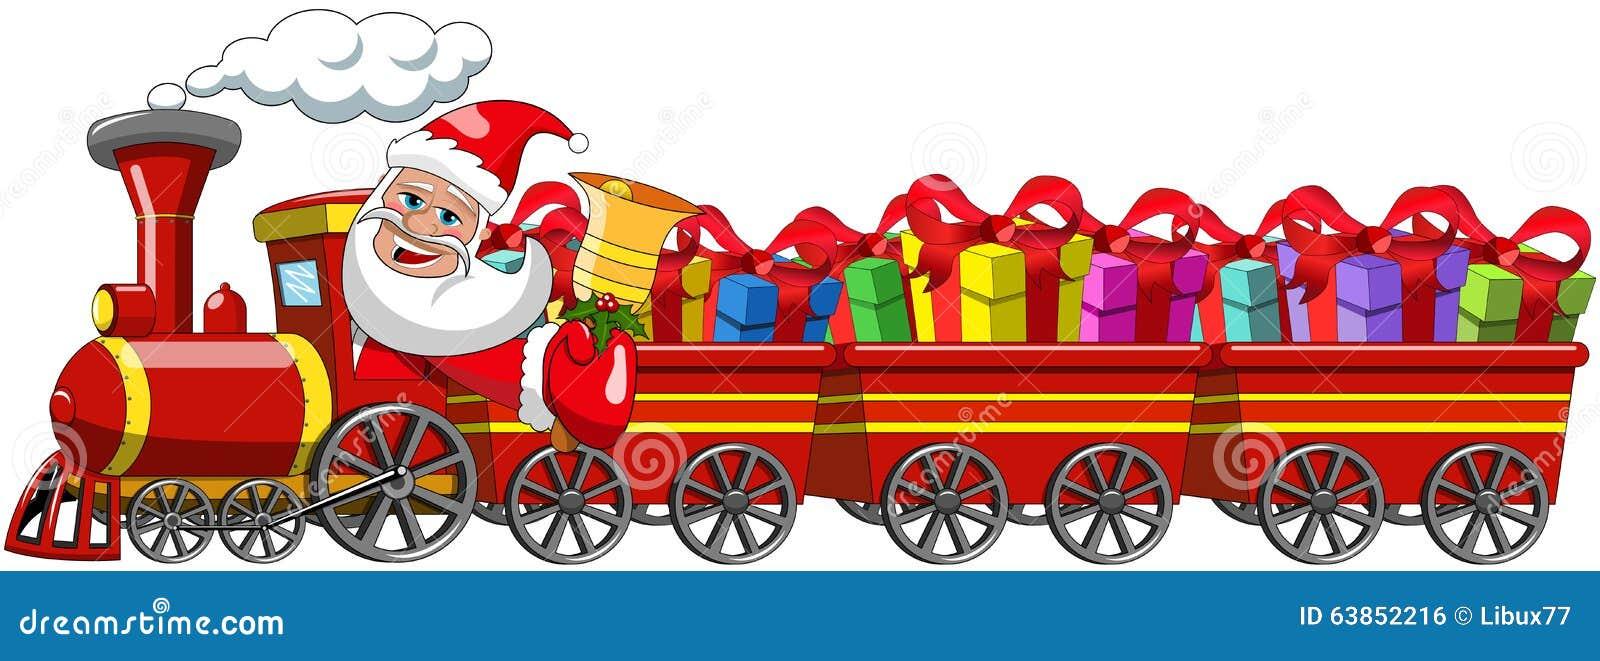 Санта Клаус поставляя подарки управляя фурами локомотива пара